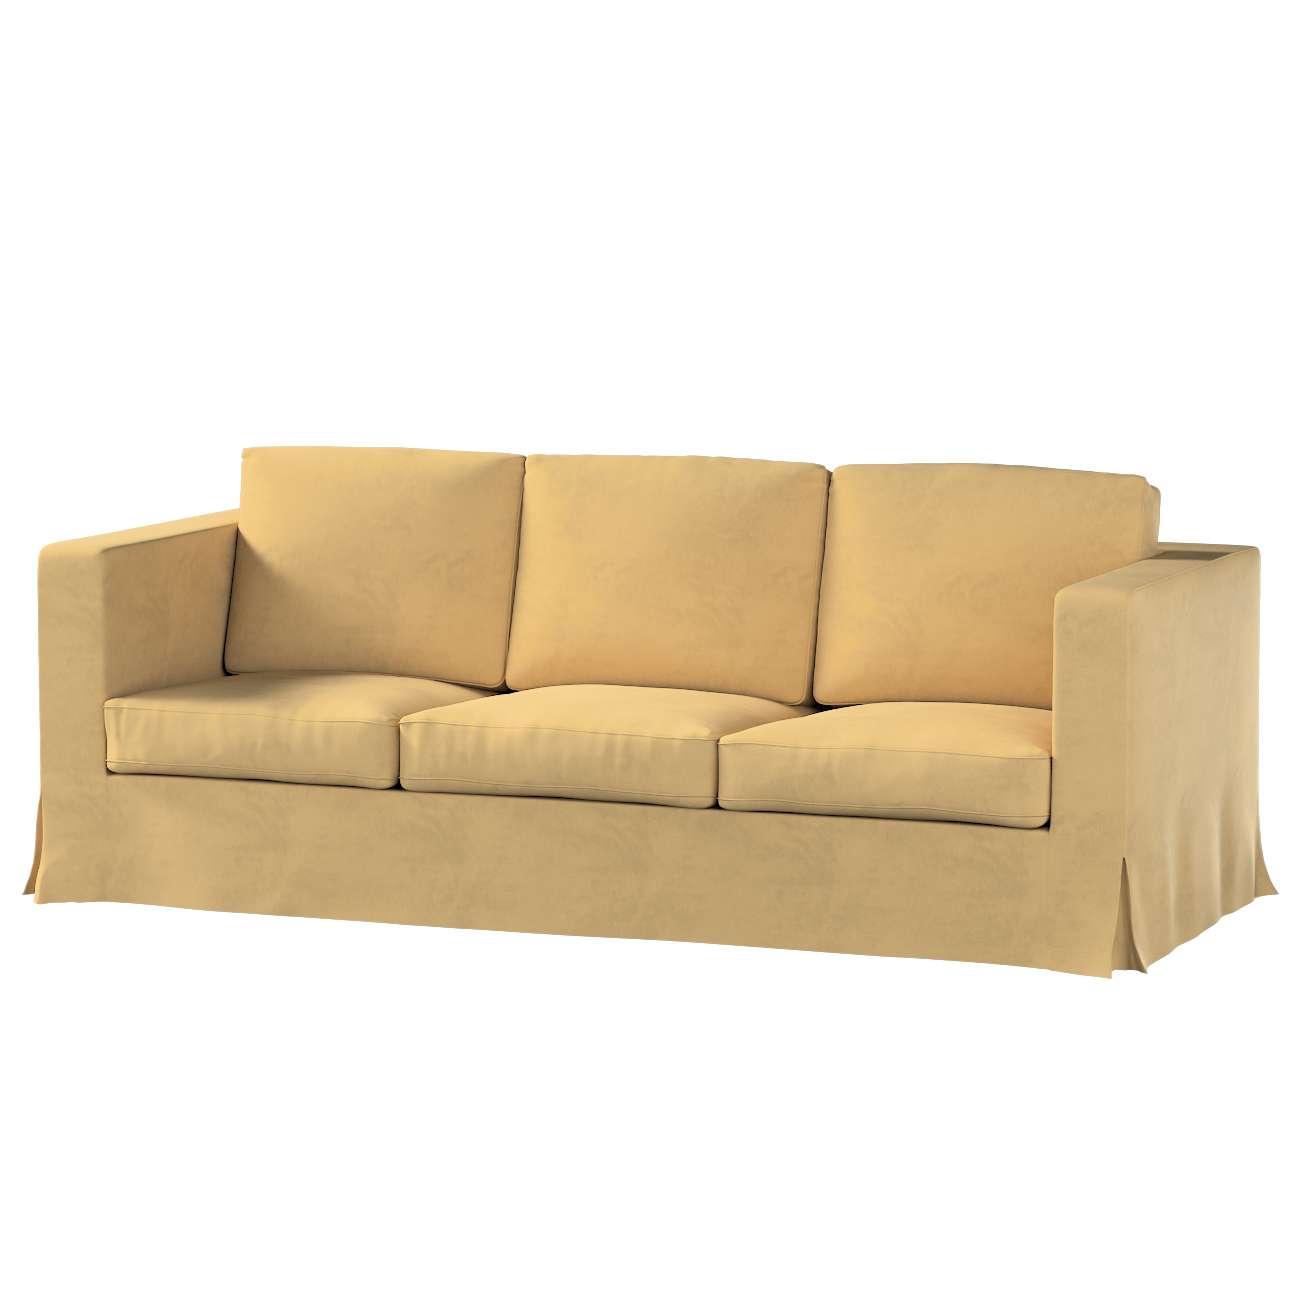 Karlanda klädsel 3-sits soffa - lång i kollektionen Living 2, Tyg: 160-93